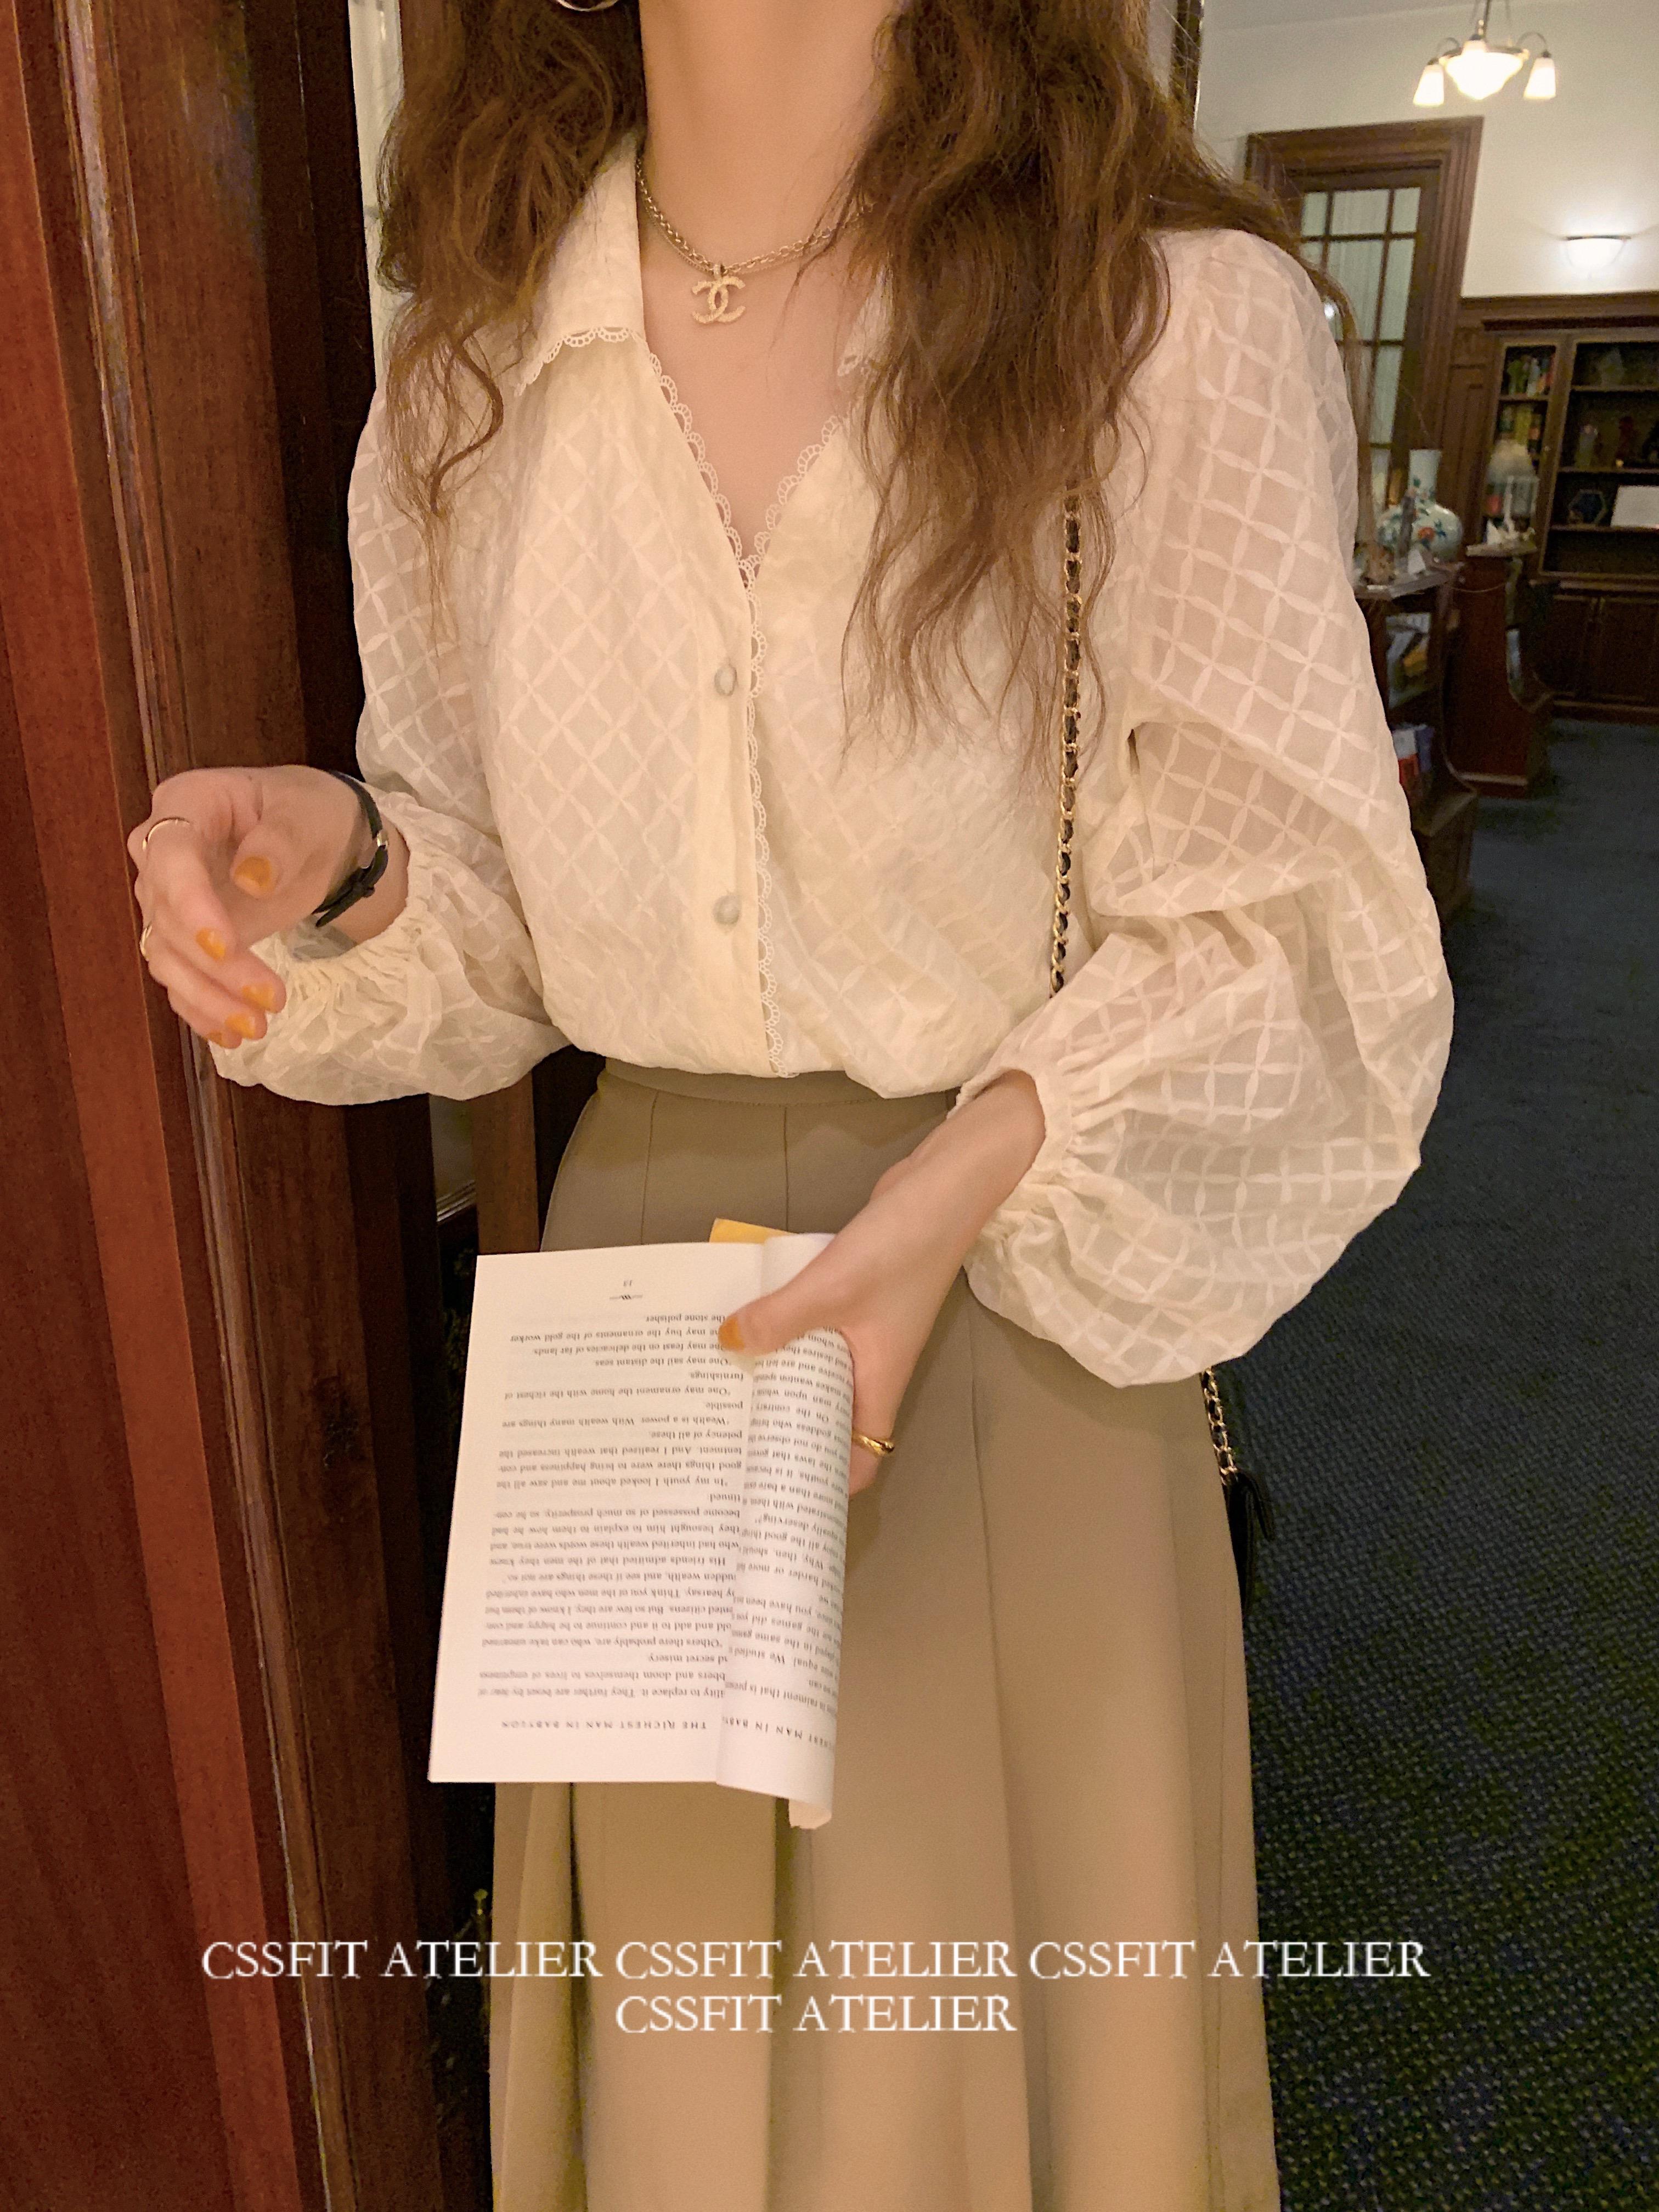 迟伞伞 法式天鹅颈 重工泡泡袖v领翻领蕾丝衬衫女设计感小众上衣